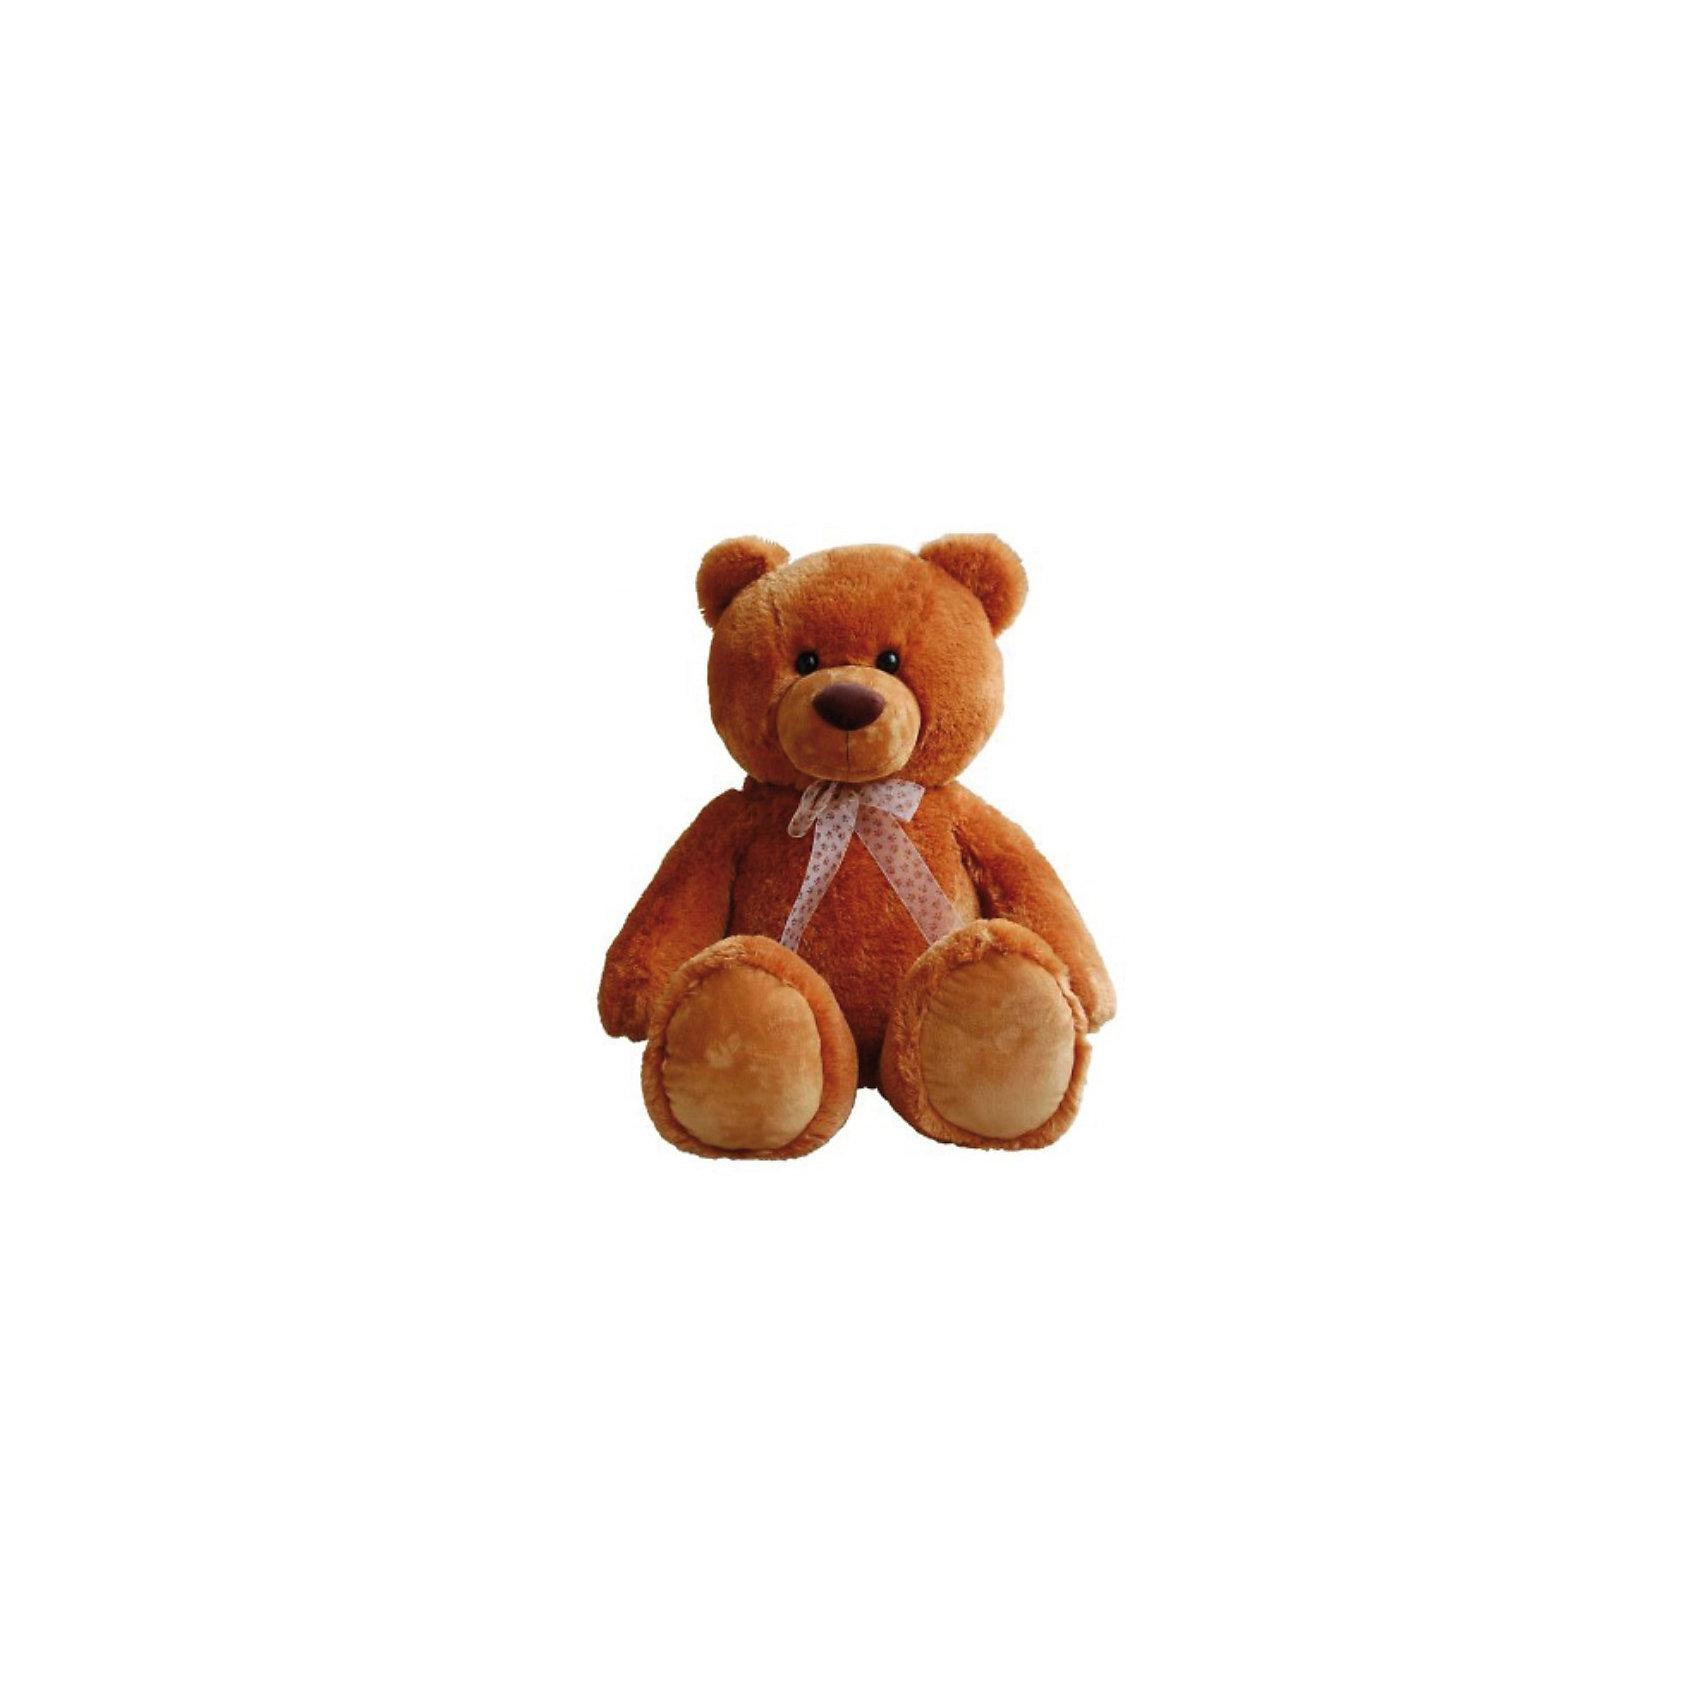 AURORA AURORA Мягкая игрушка Медведь сидячий (коричневый), 80 см aurora 11 355 аврора медведь 56 см